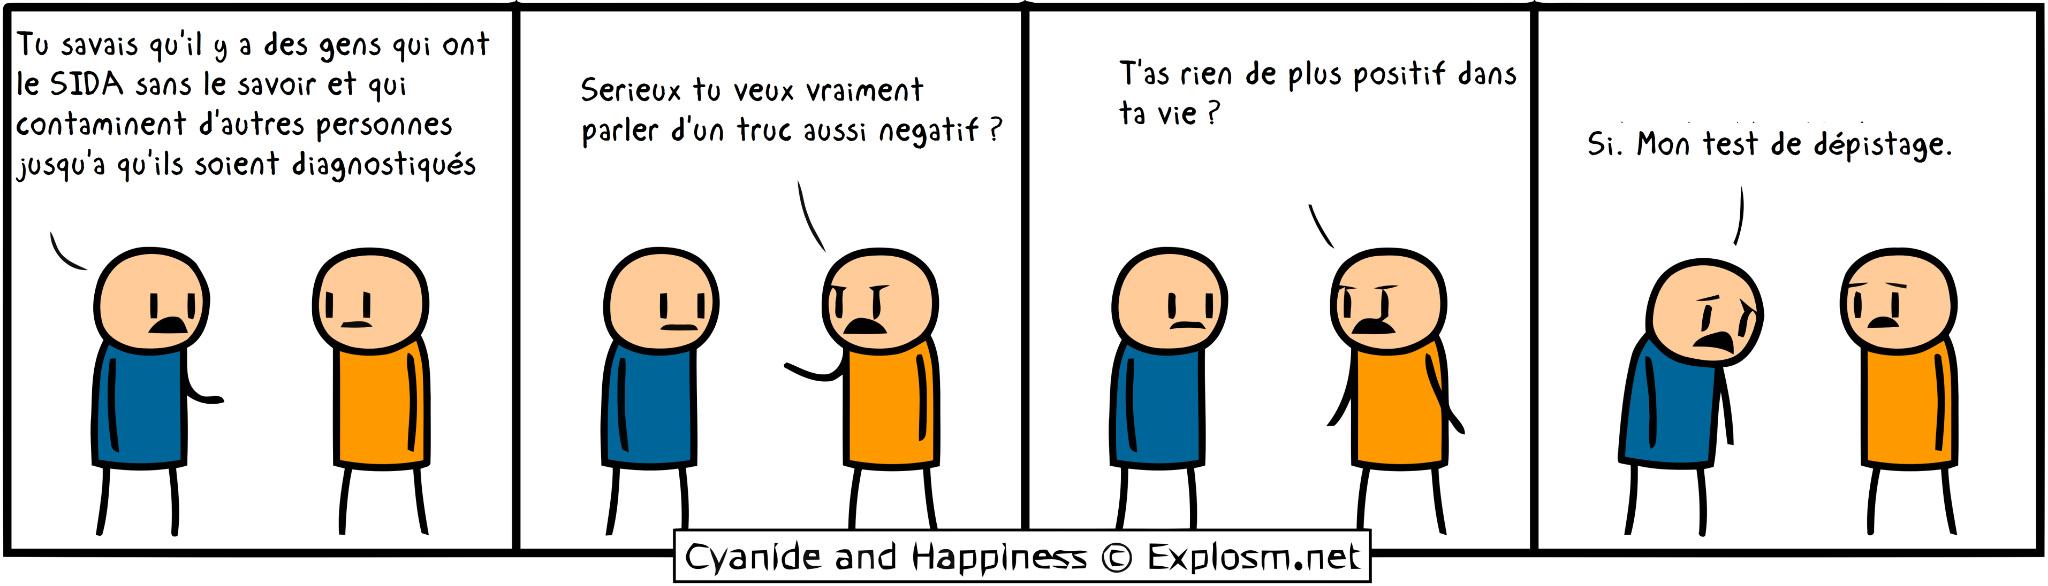 Cyanure et Bonheur #28 - meme